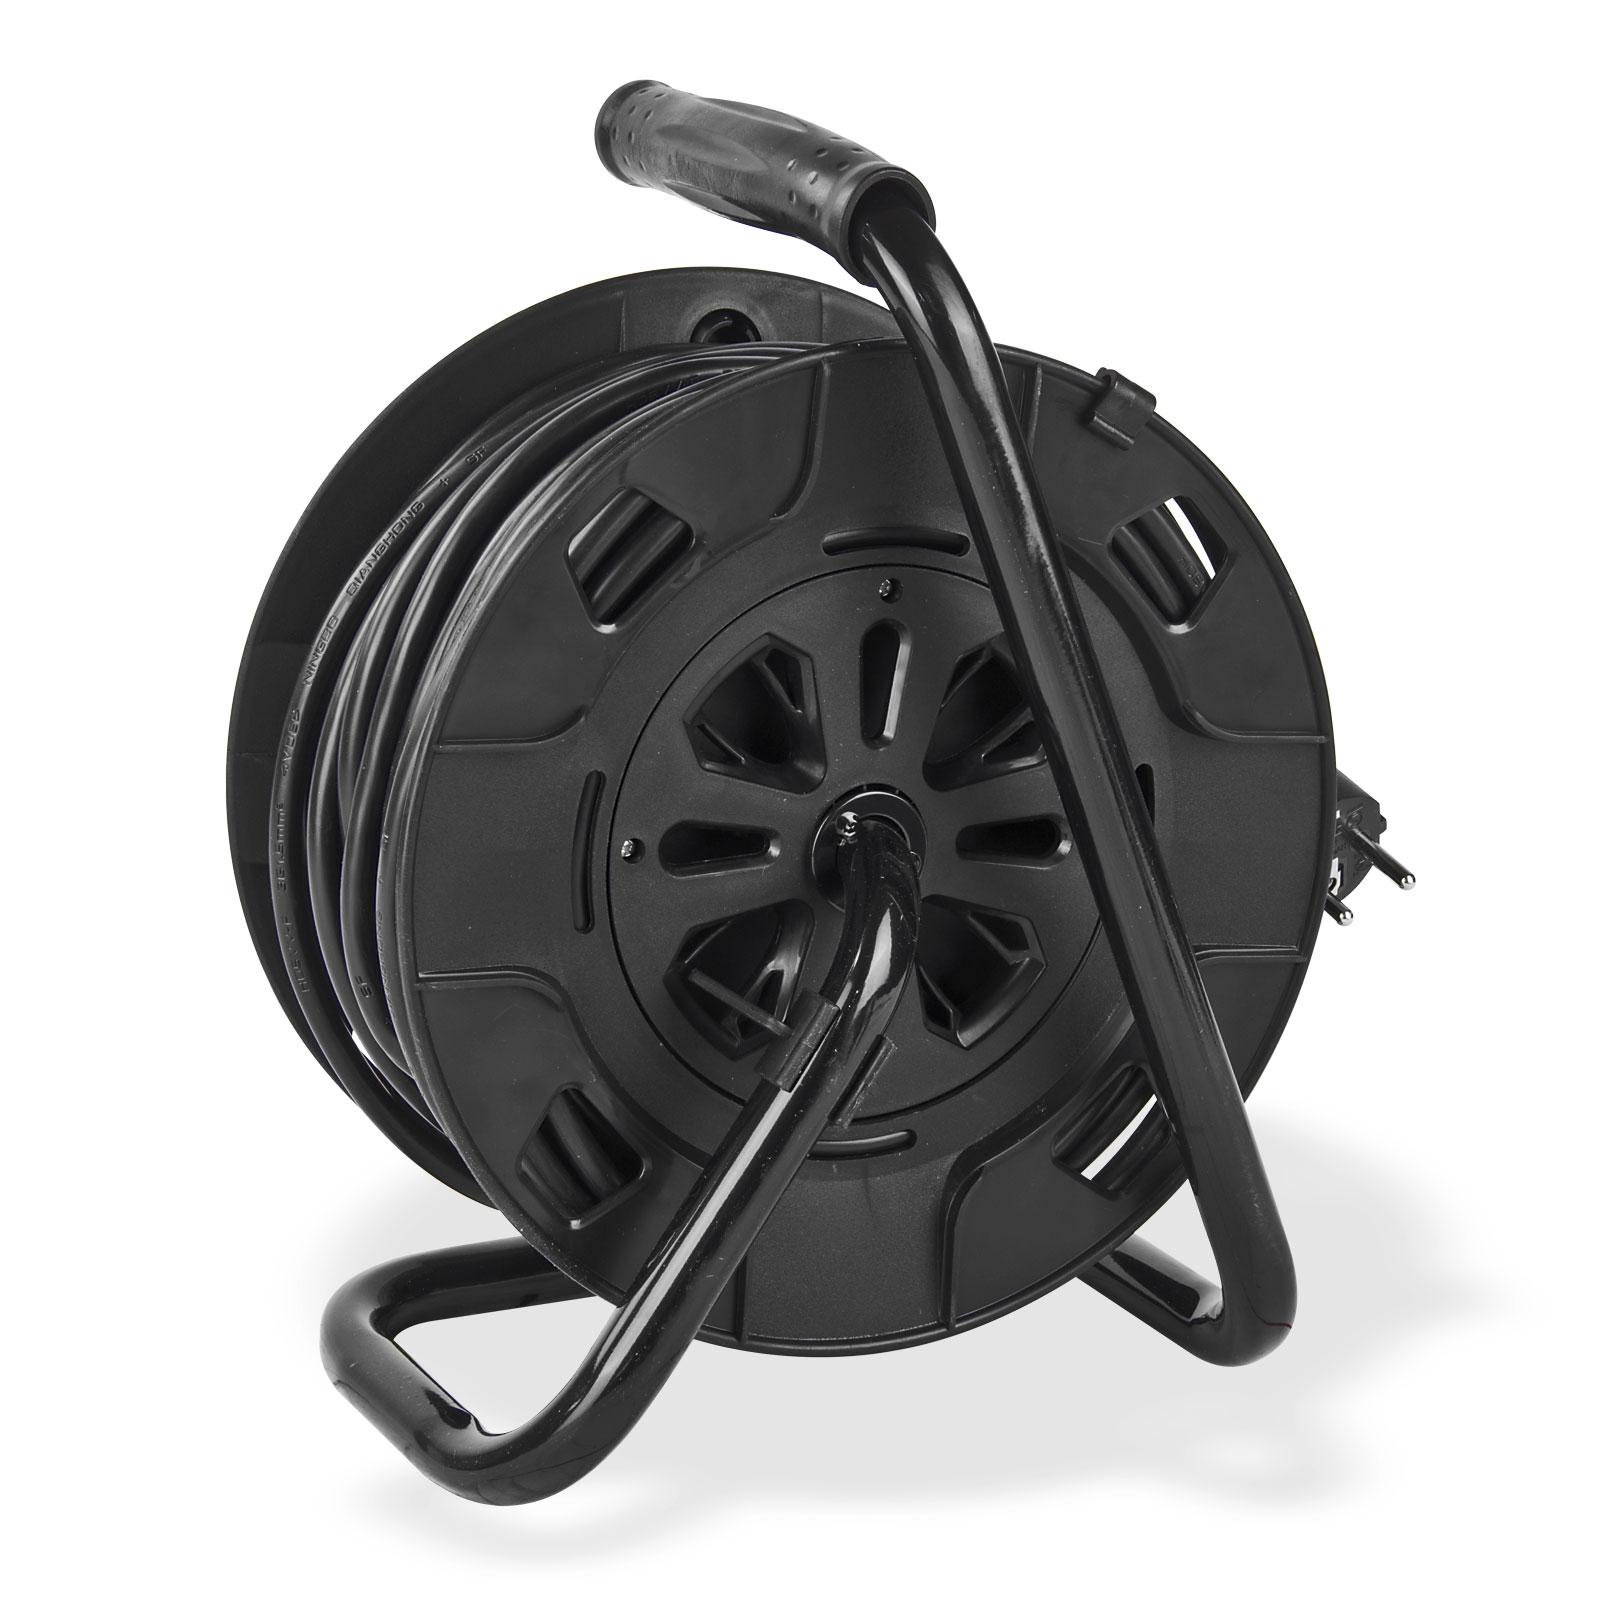 kabeltrommel verl ngerungskabel 25m h05vv f3g1 5mm ip20. Black Bedroom Furniture Sets. Home Design Ideas